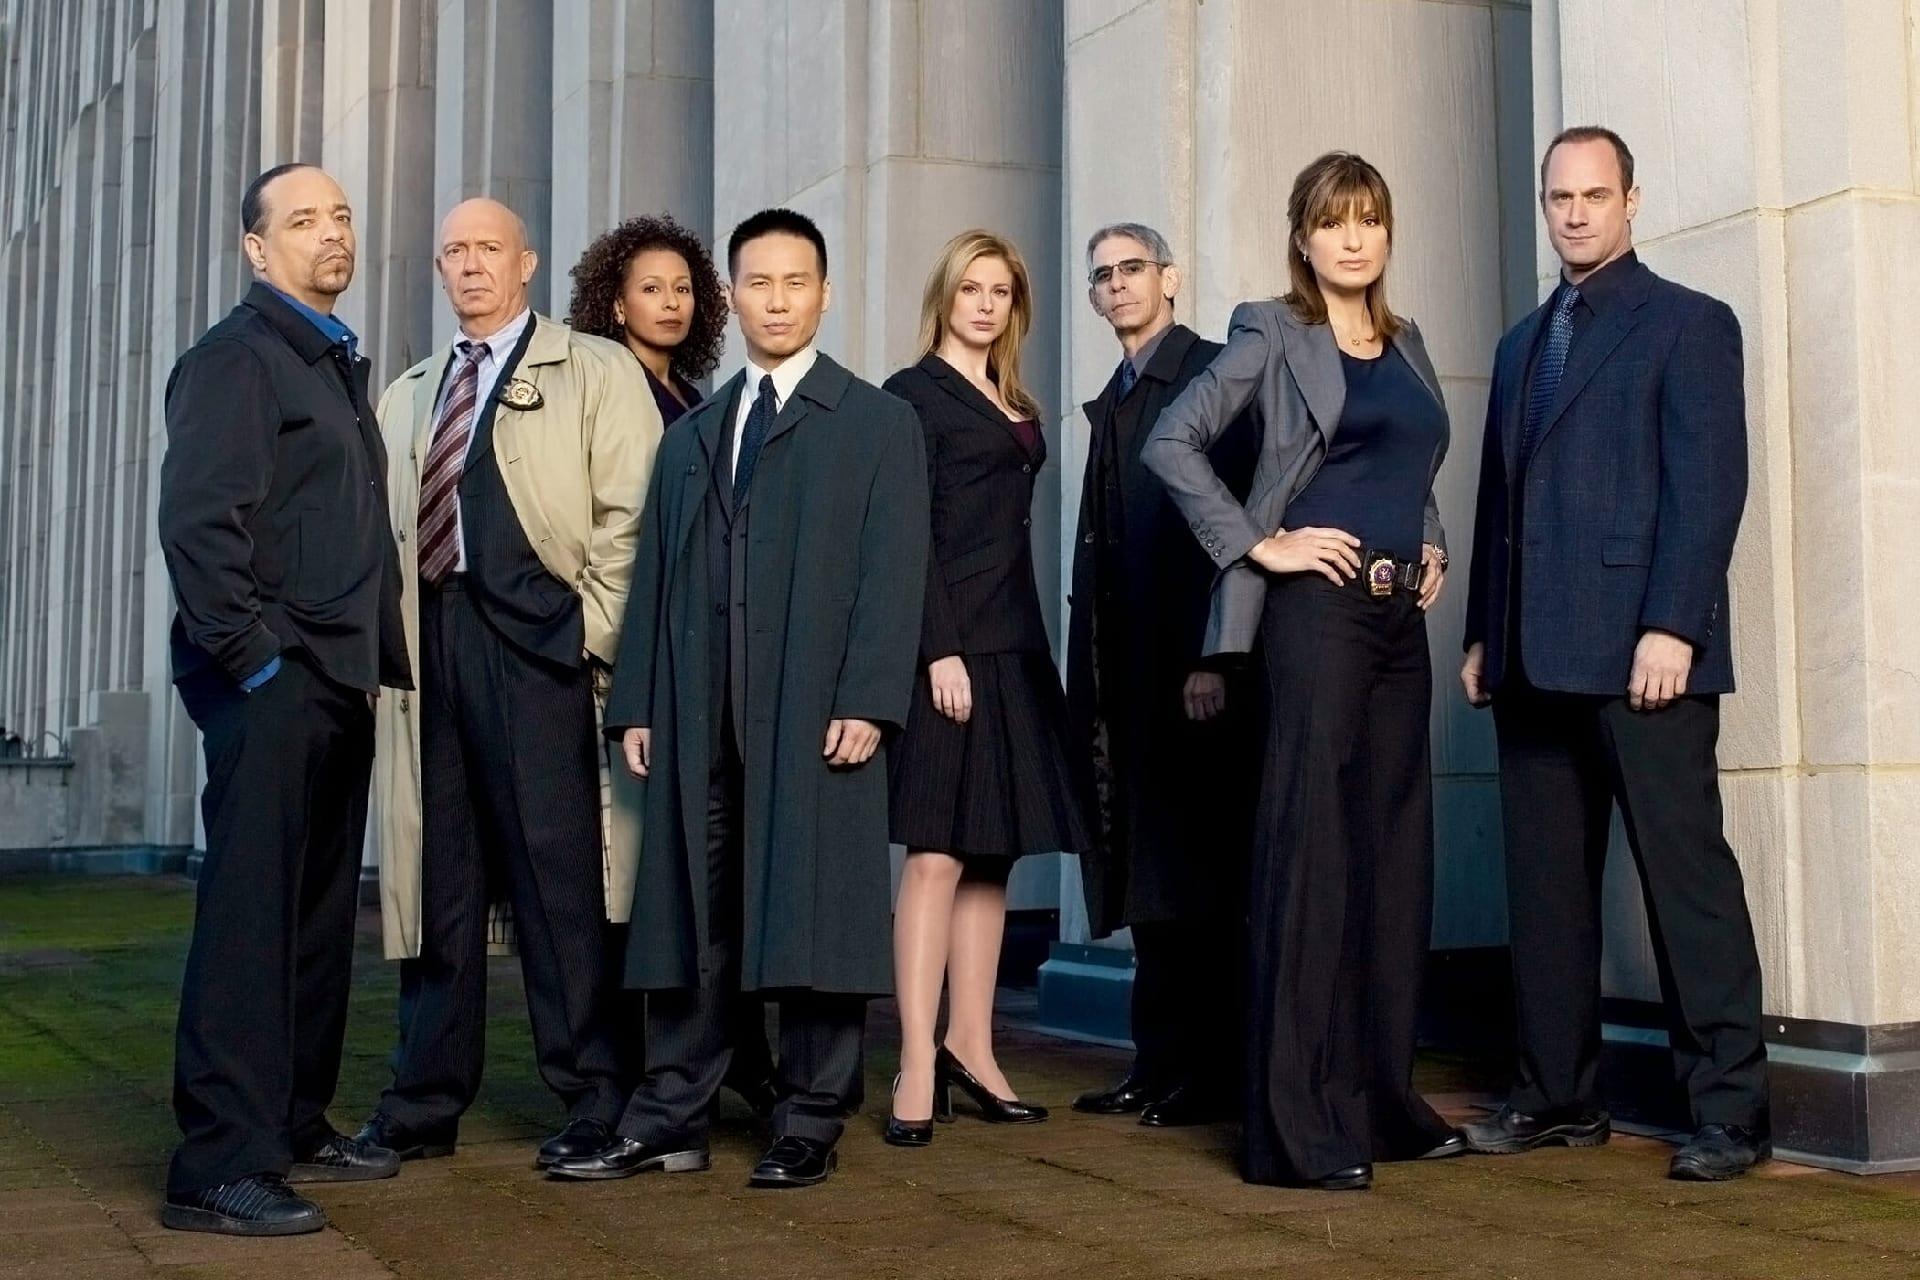 Law & Order stagione 20 attori